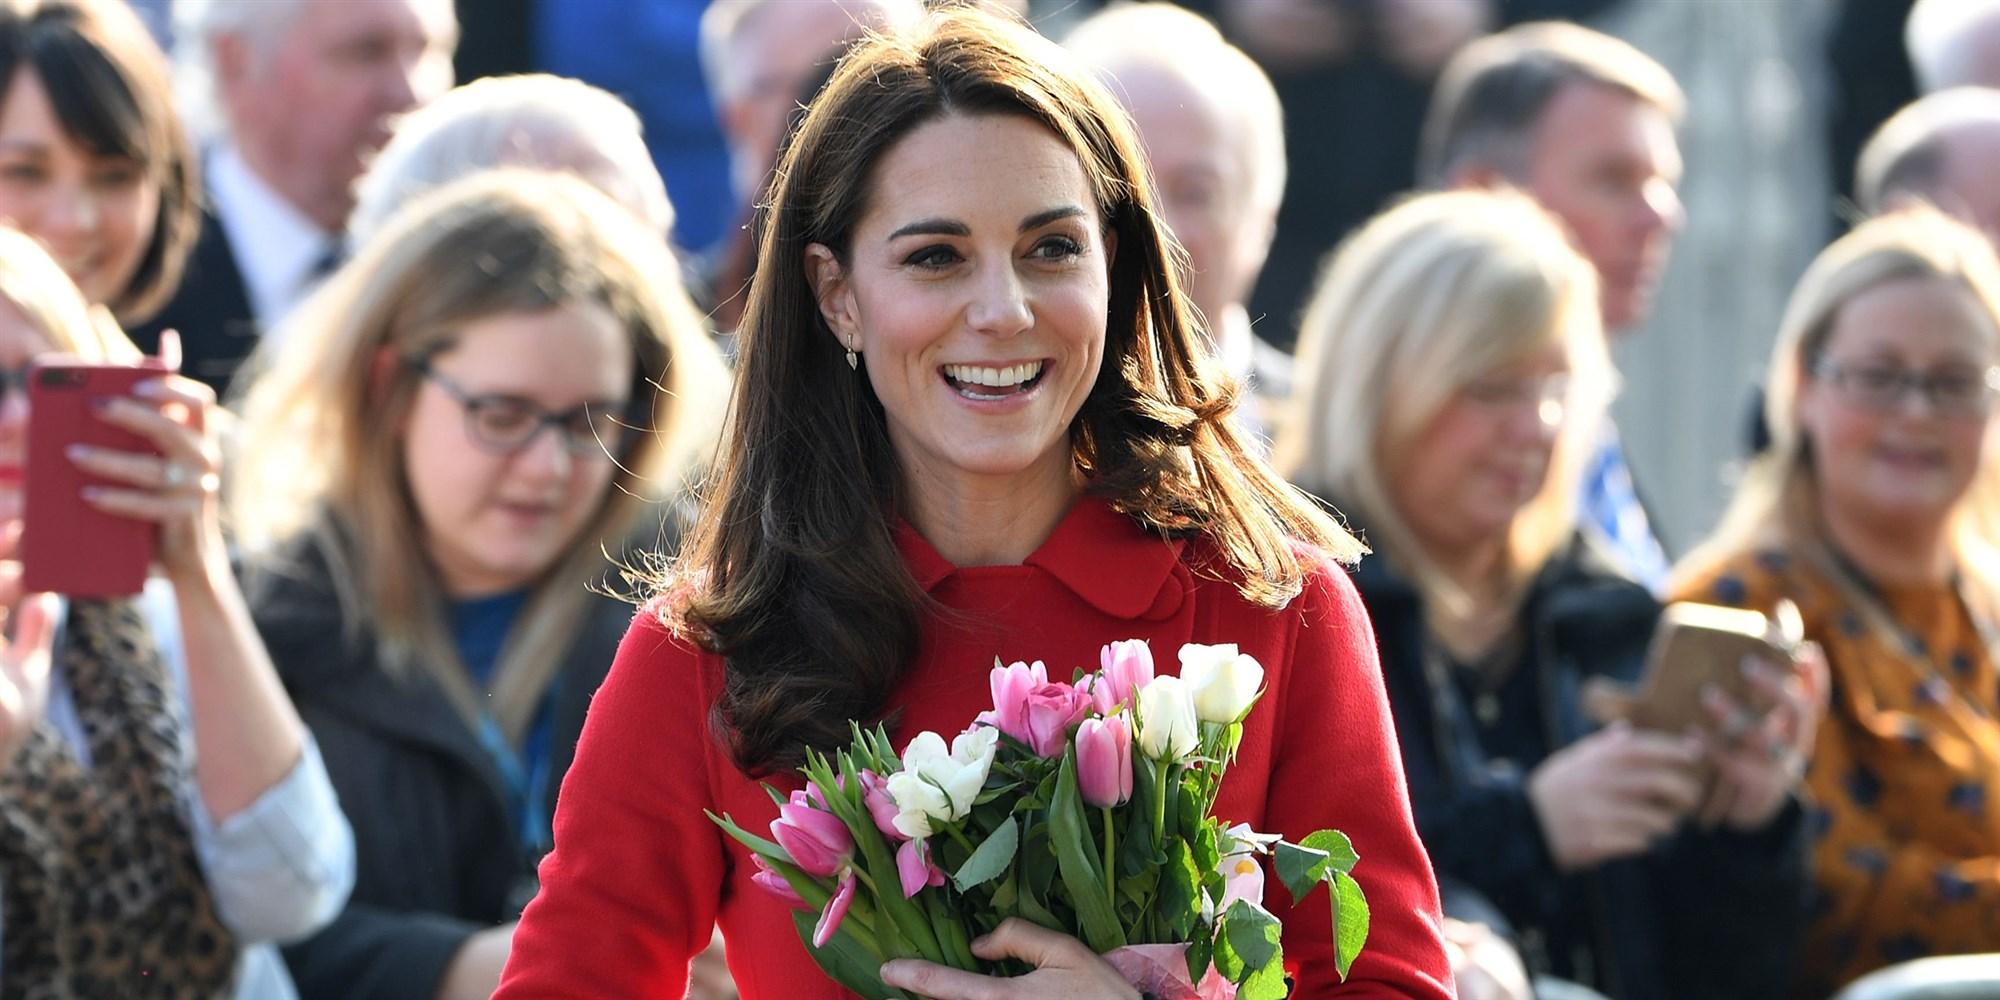 Принц Уильям и Кейт Миддлтон уже в Северной Ирландии